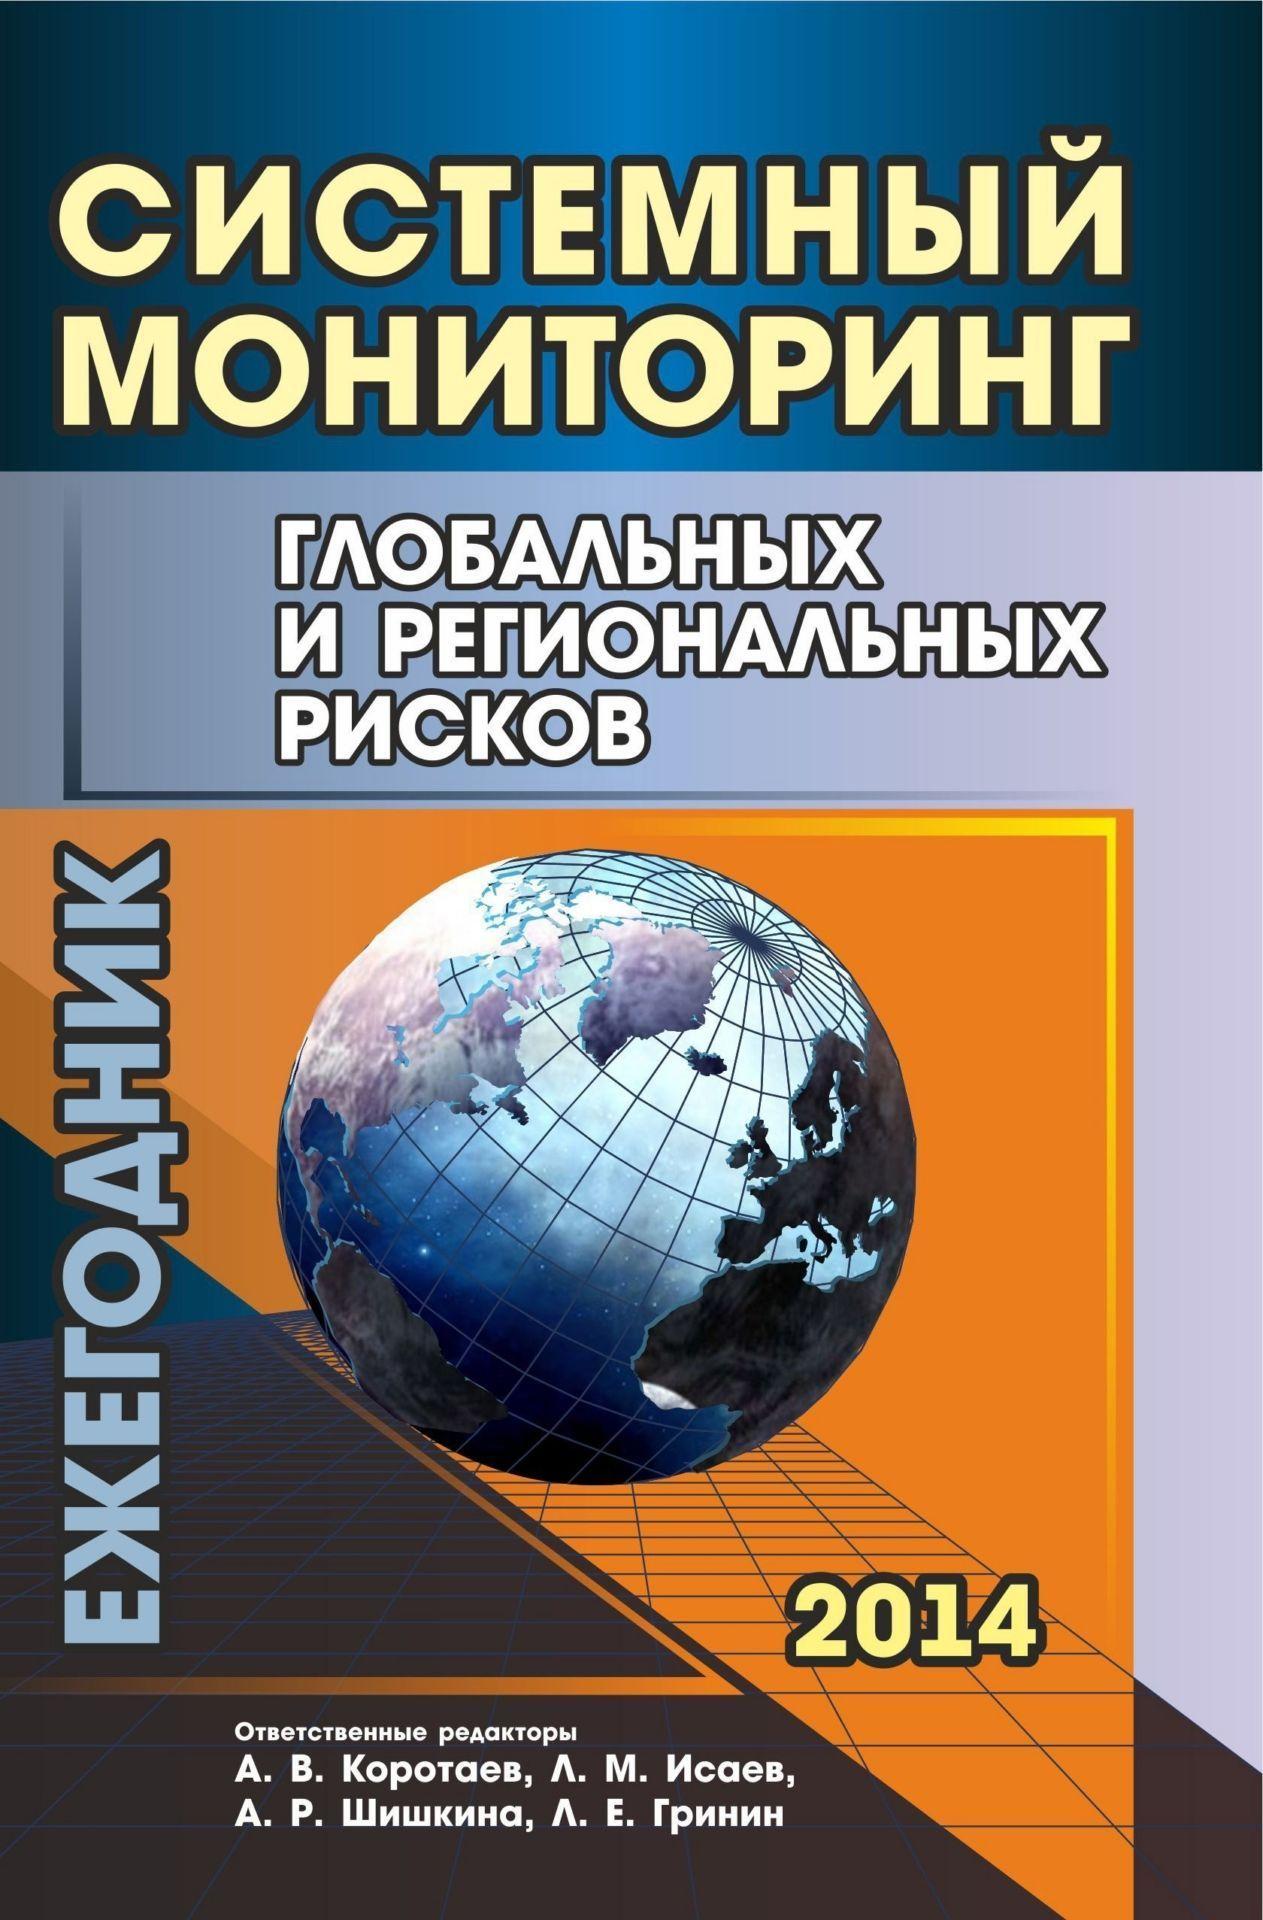 Системный мониторинг глобальных и региональных рисков: ежегодник